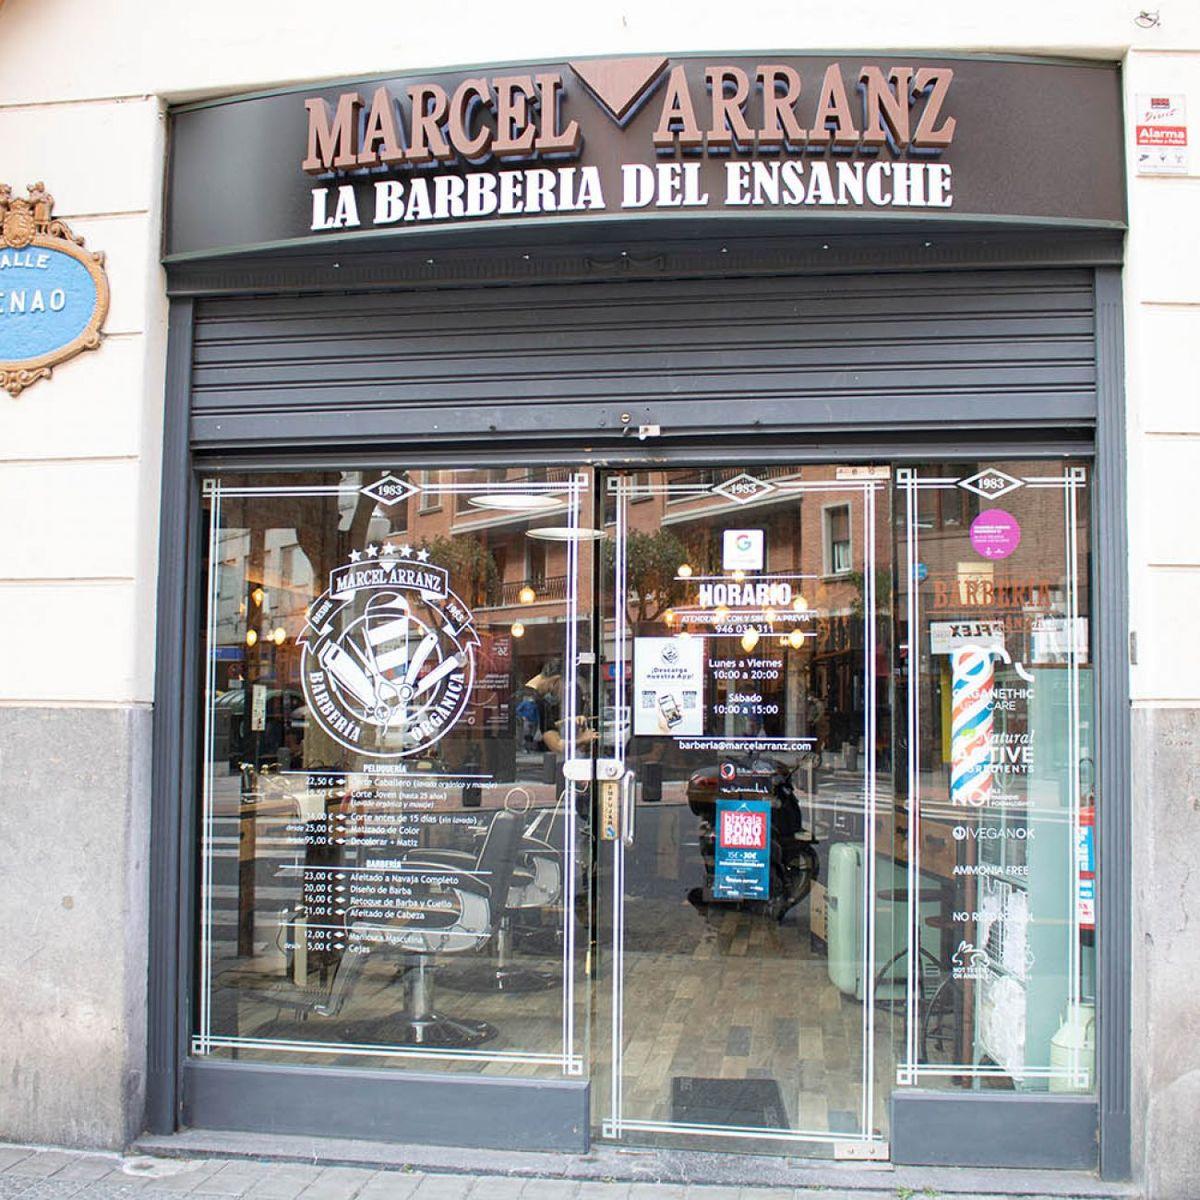 Marcel Arranz La Barberia del Ensanche